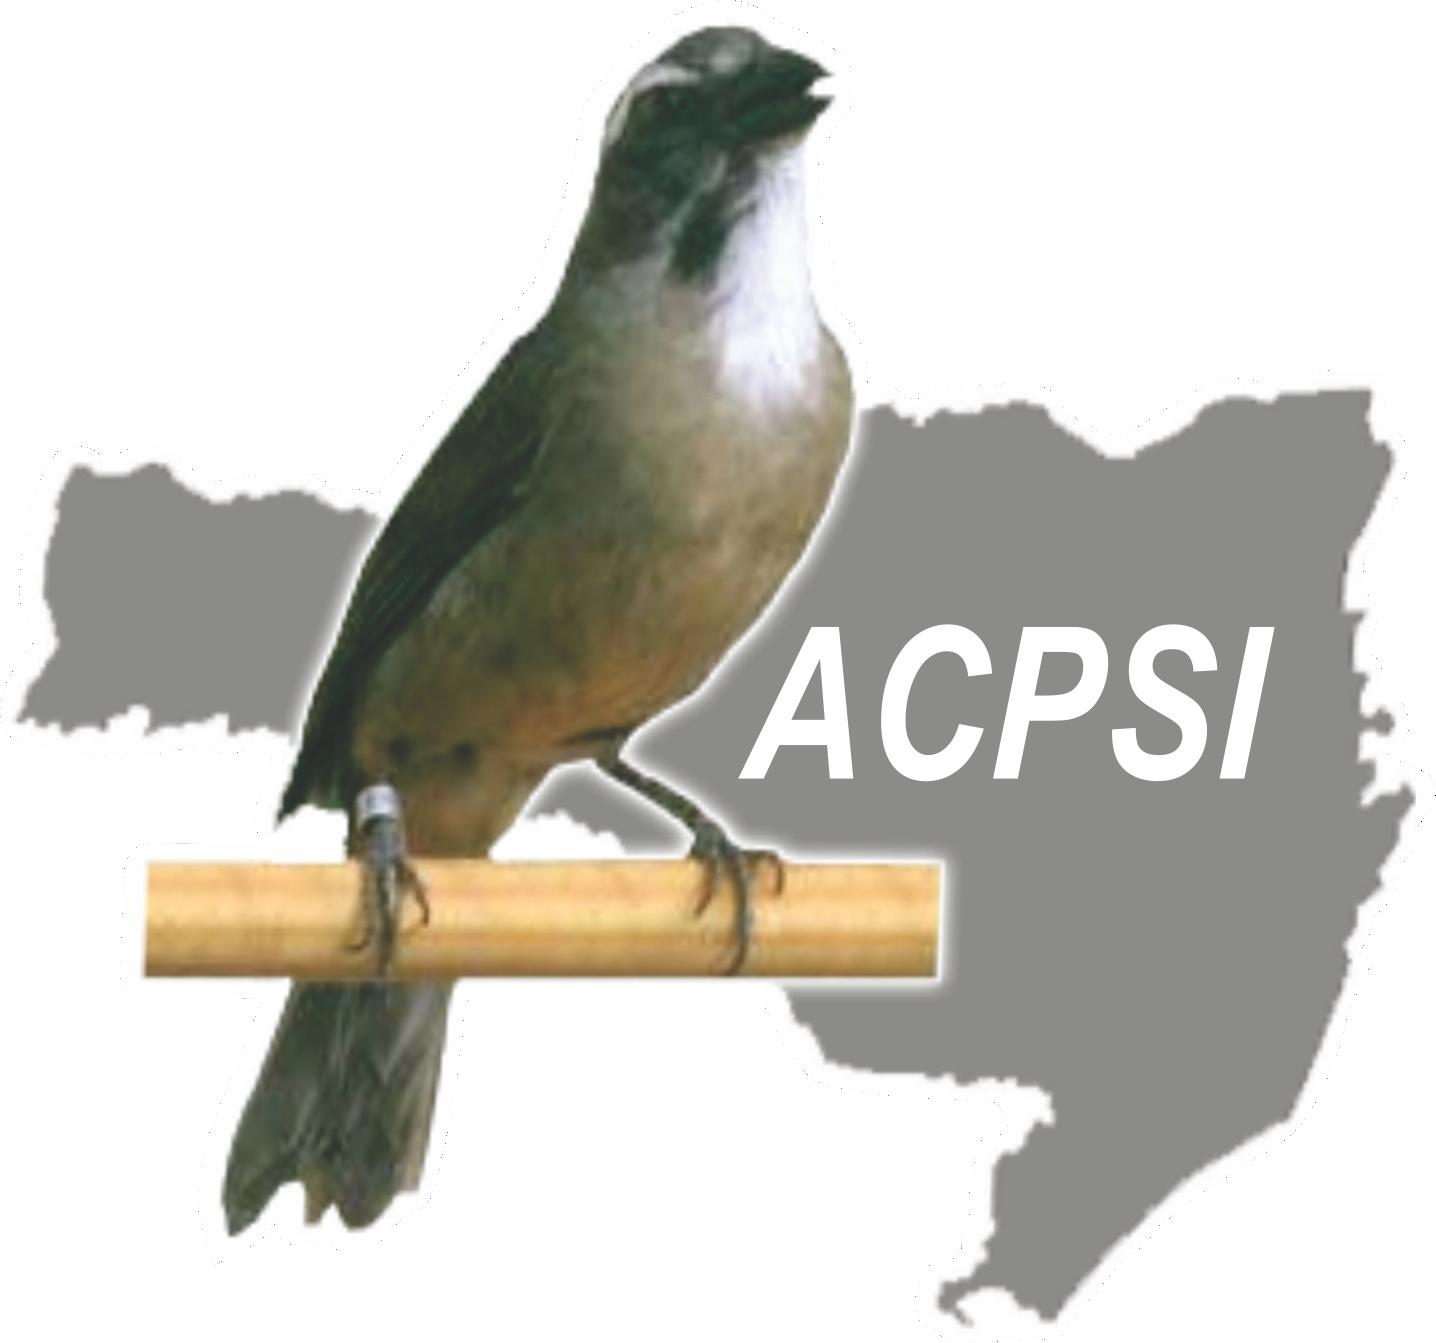 Logo da ACPSI - Associação dos Criadores de Pássaros Silvestres de Ituporanga.